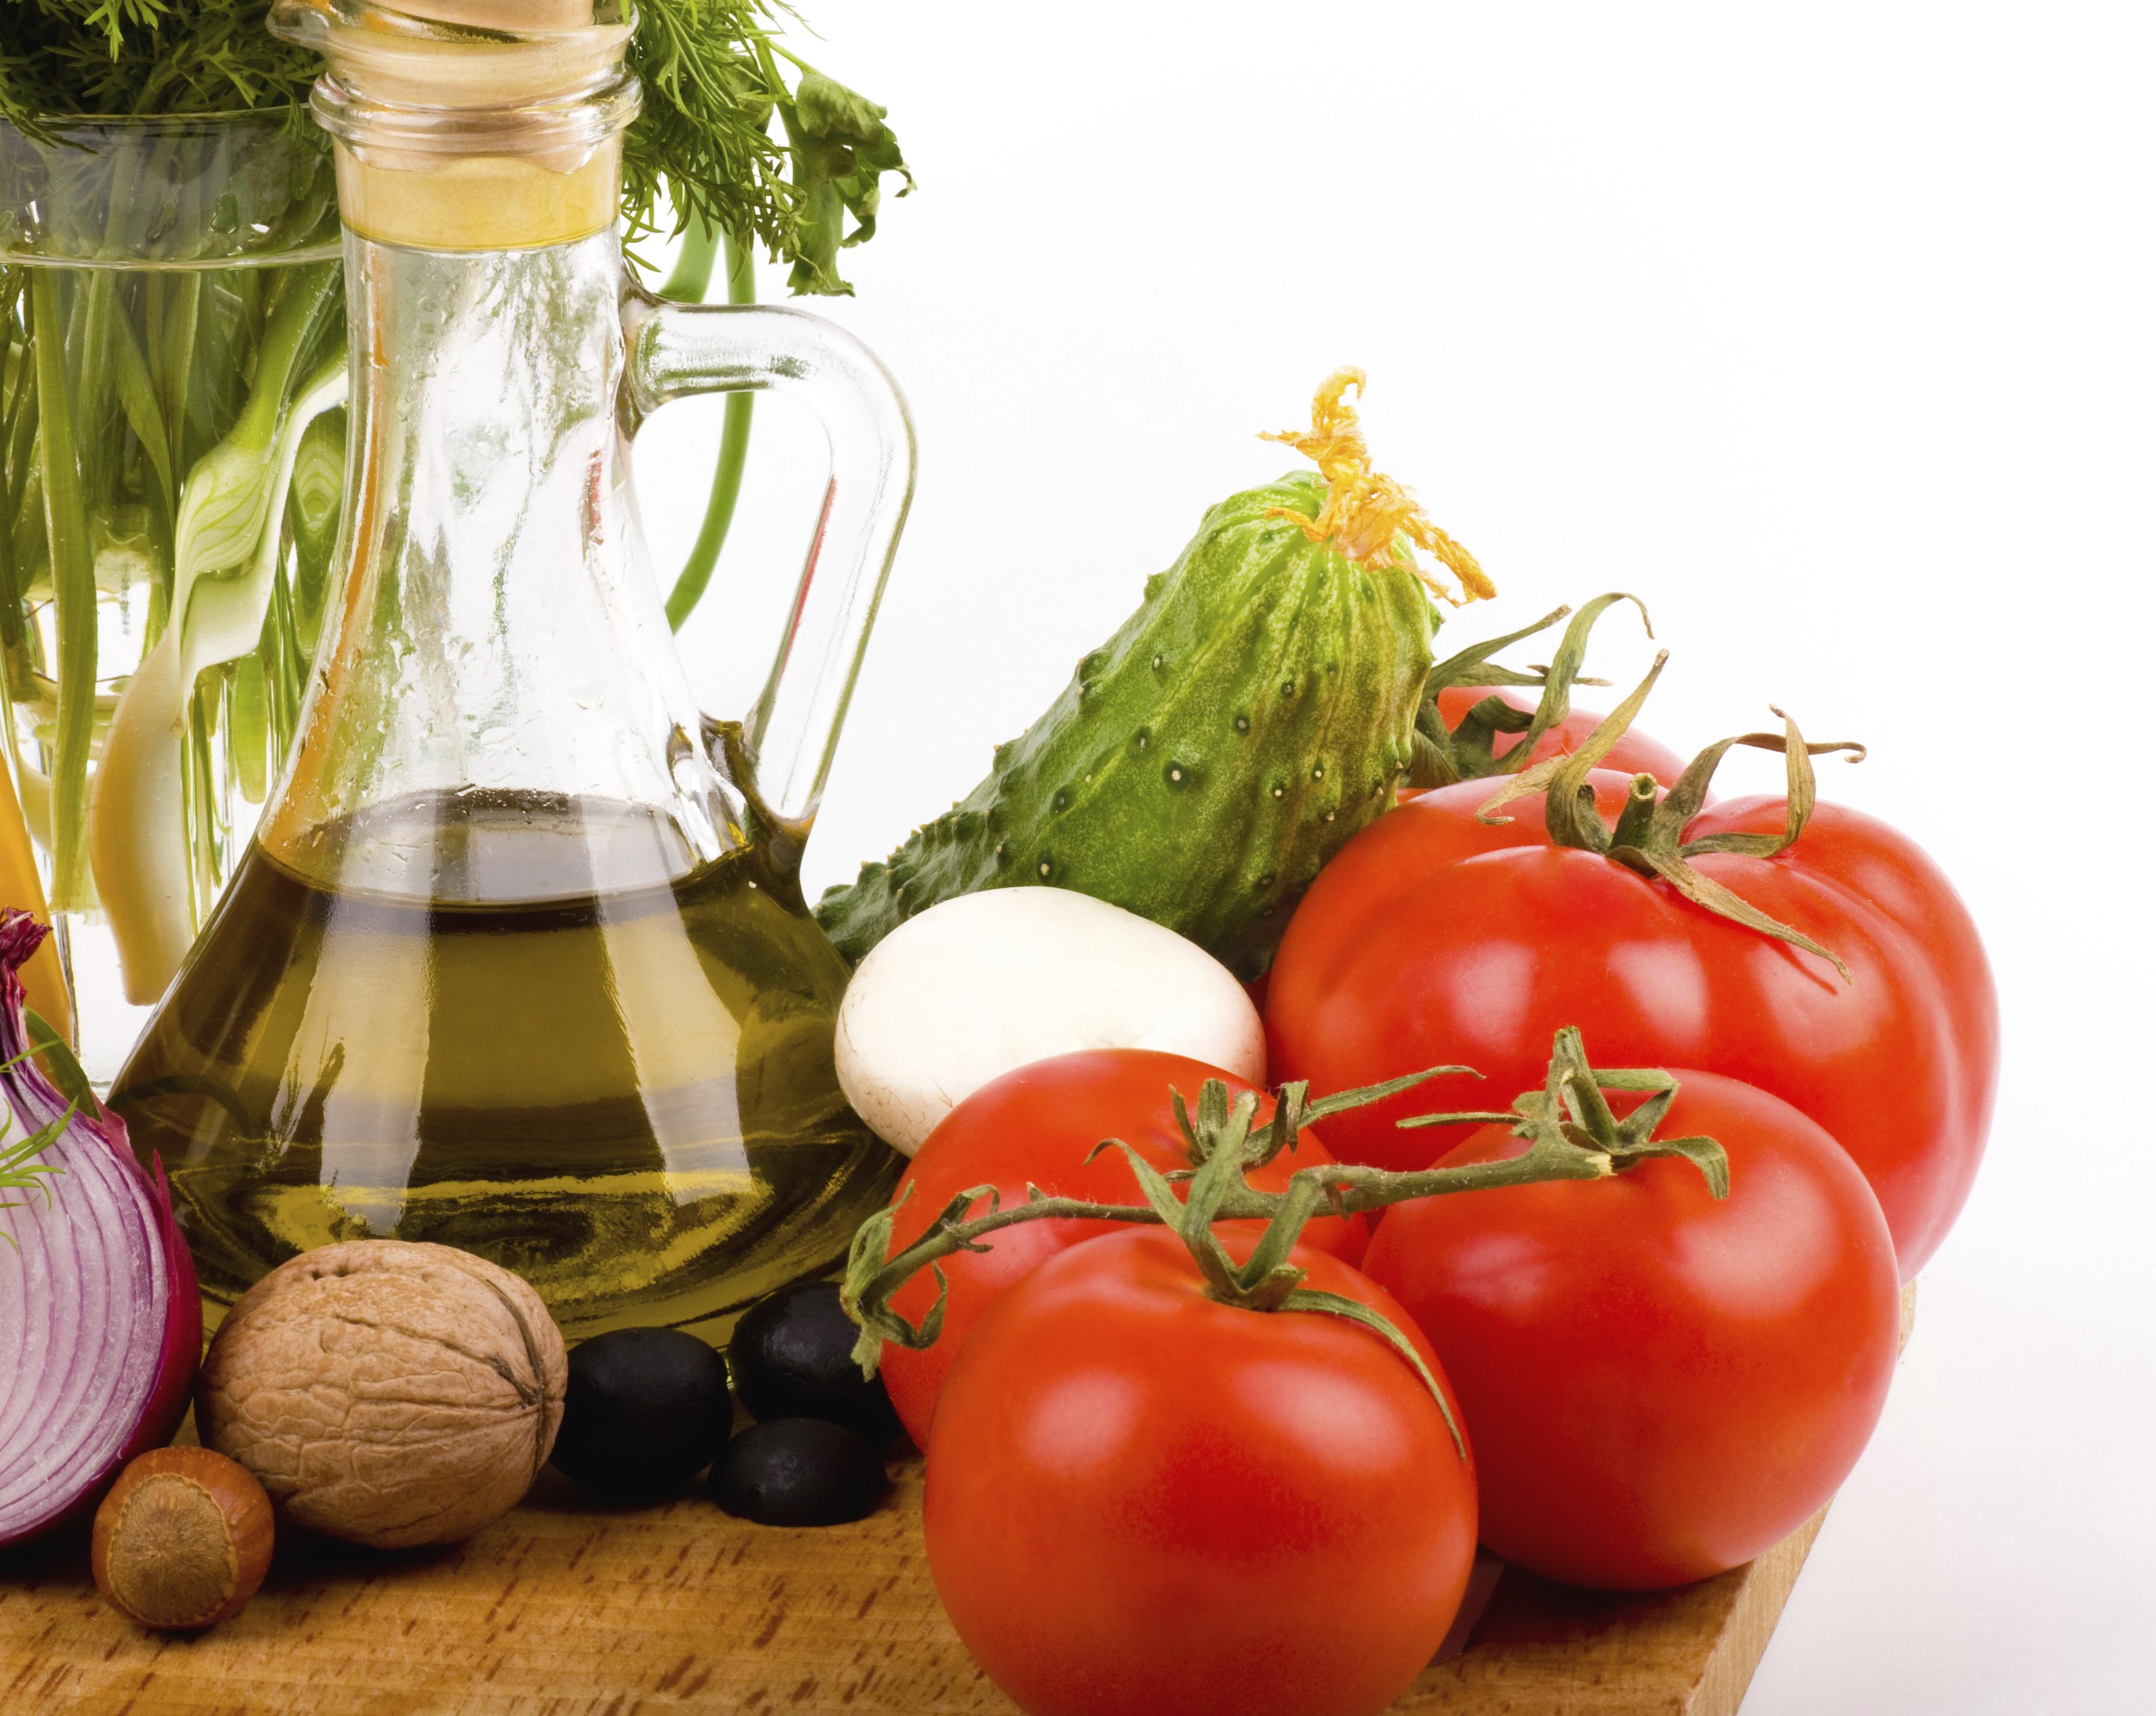 mediterranean-diet-oil-nuts-mixed